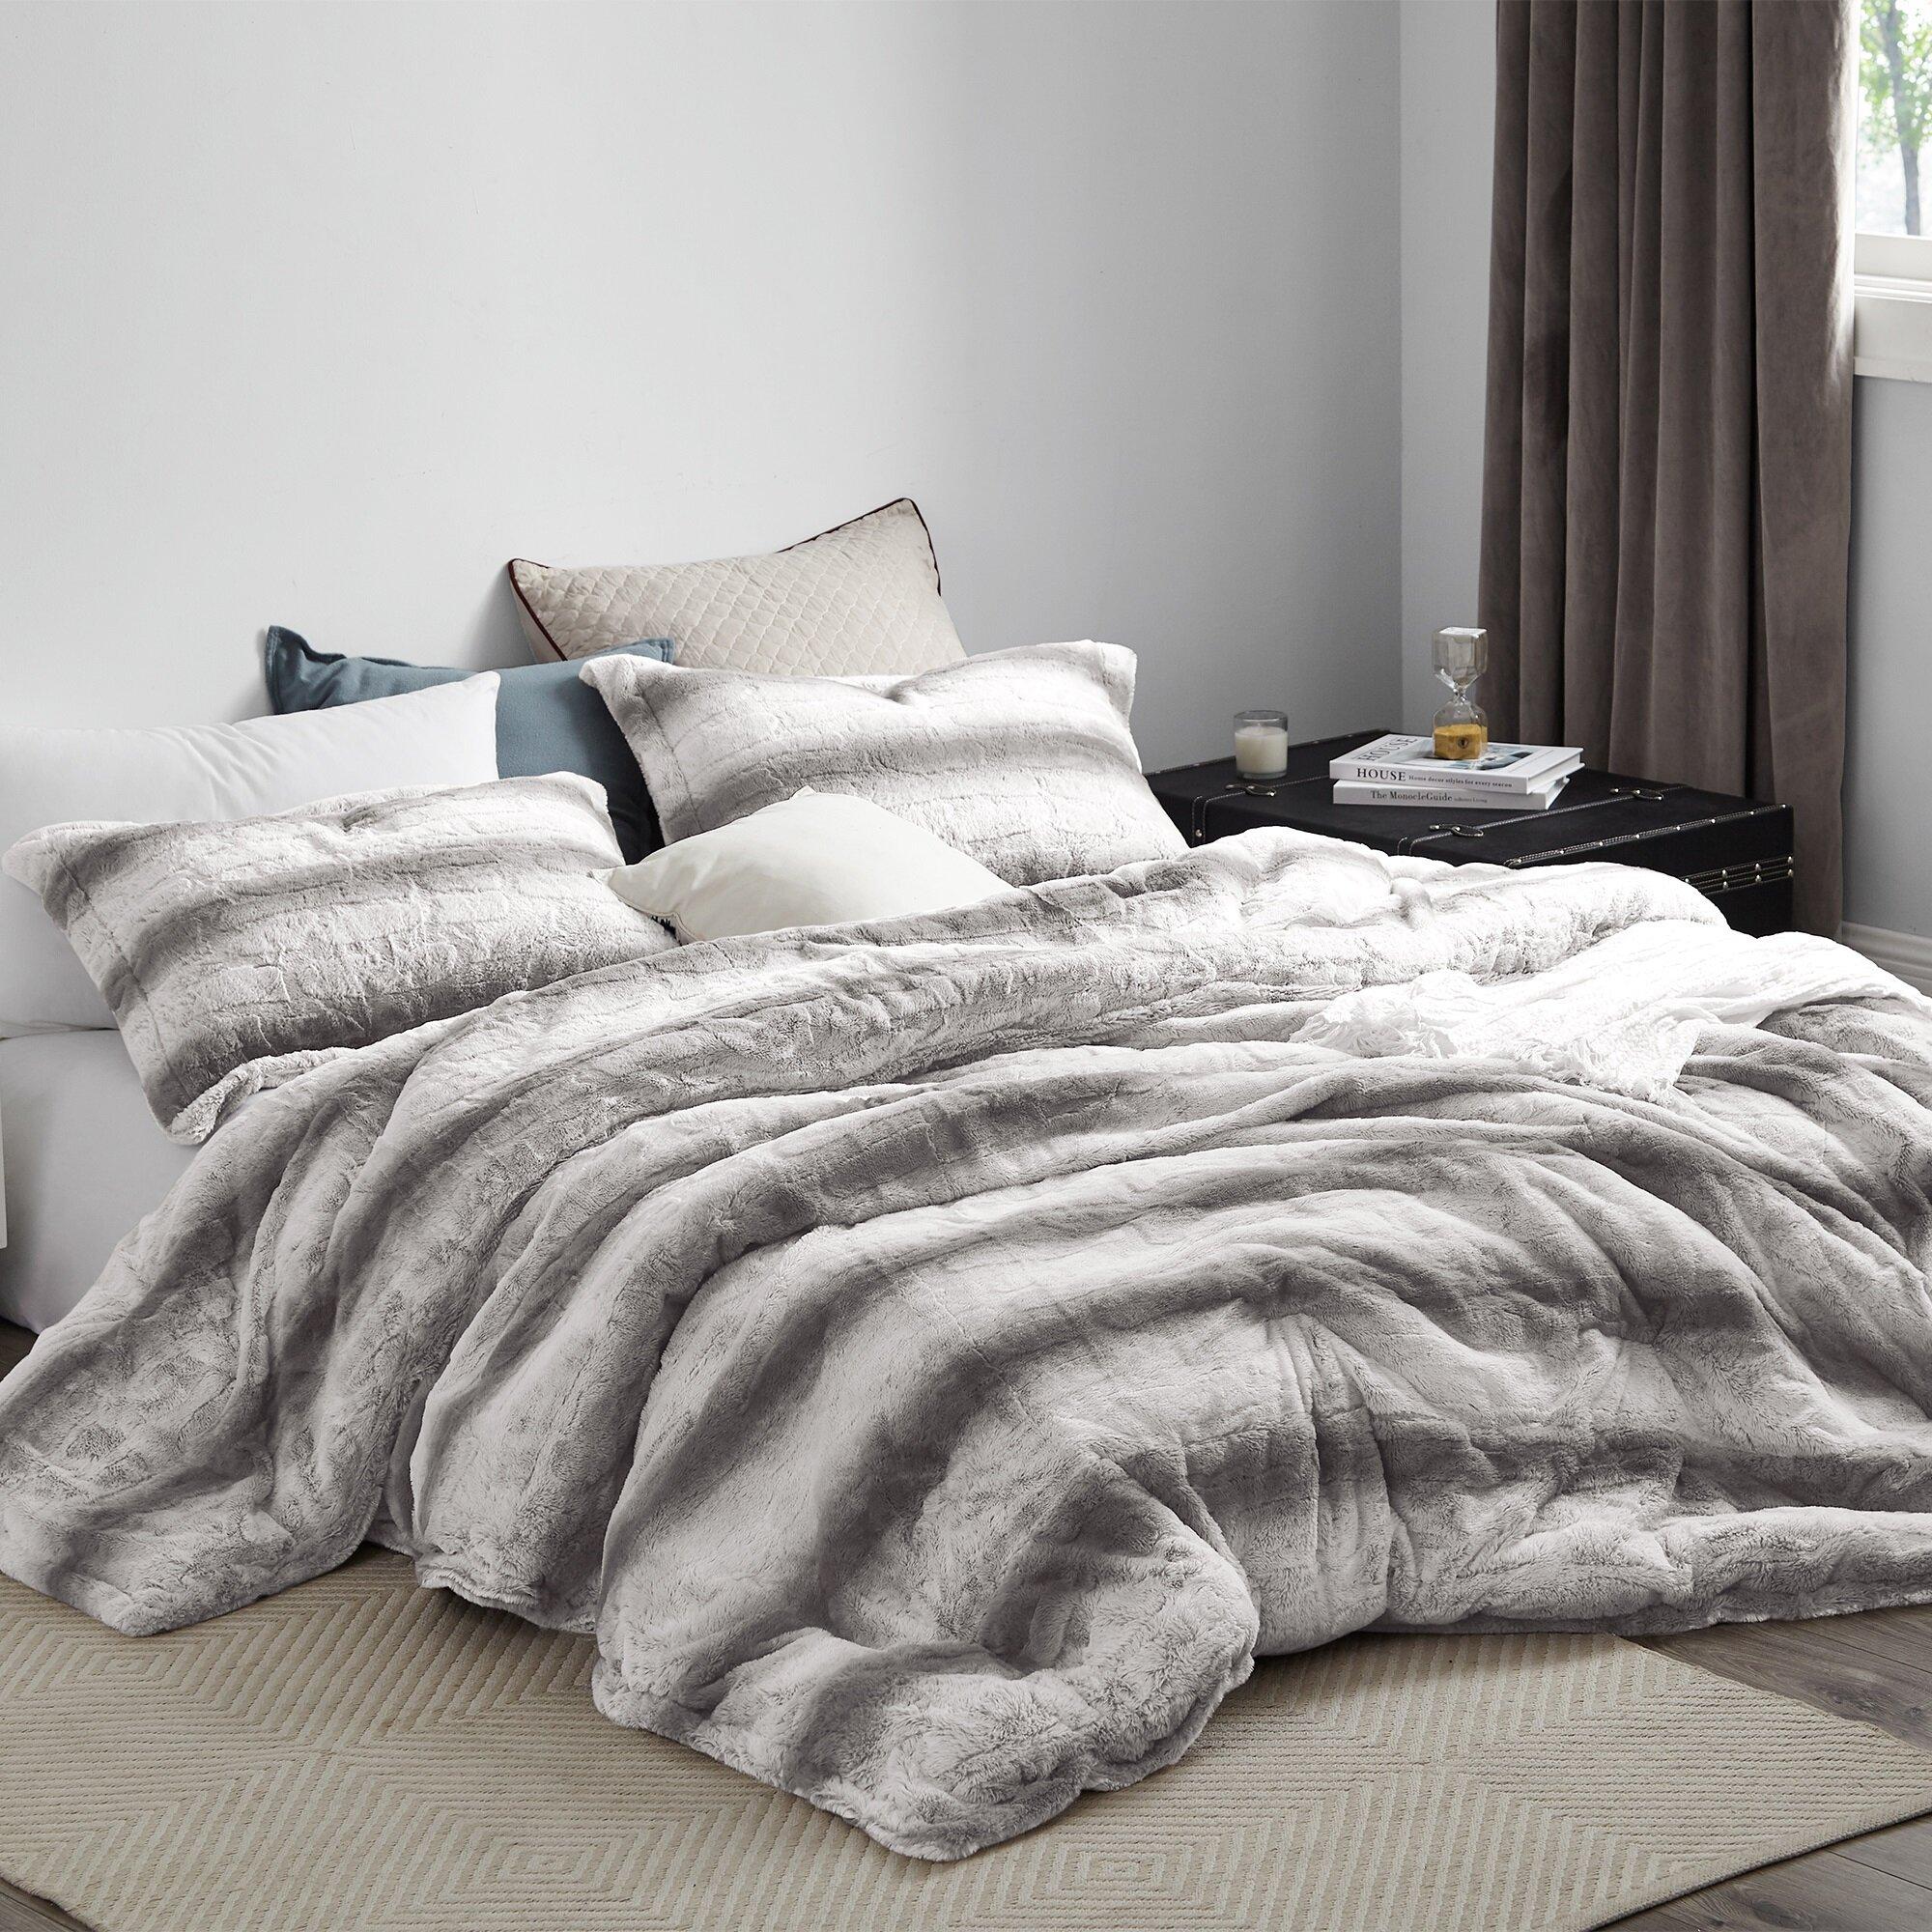 Everly Quinn Ilya Northeast Beast Coma Inducer Comforter Set Reviews Wayfair